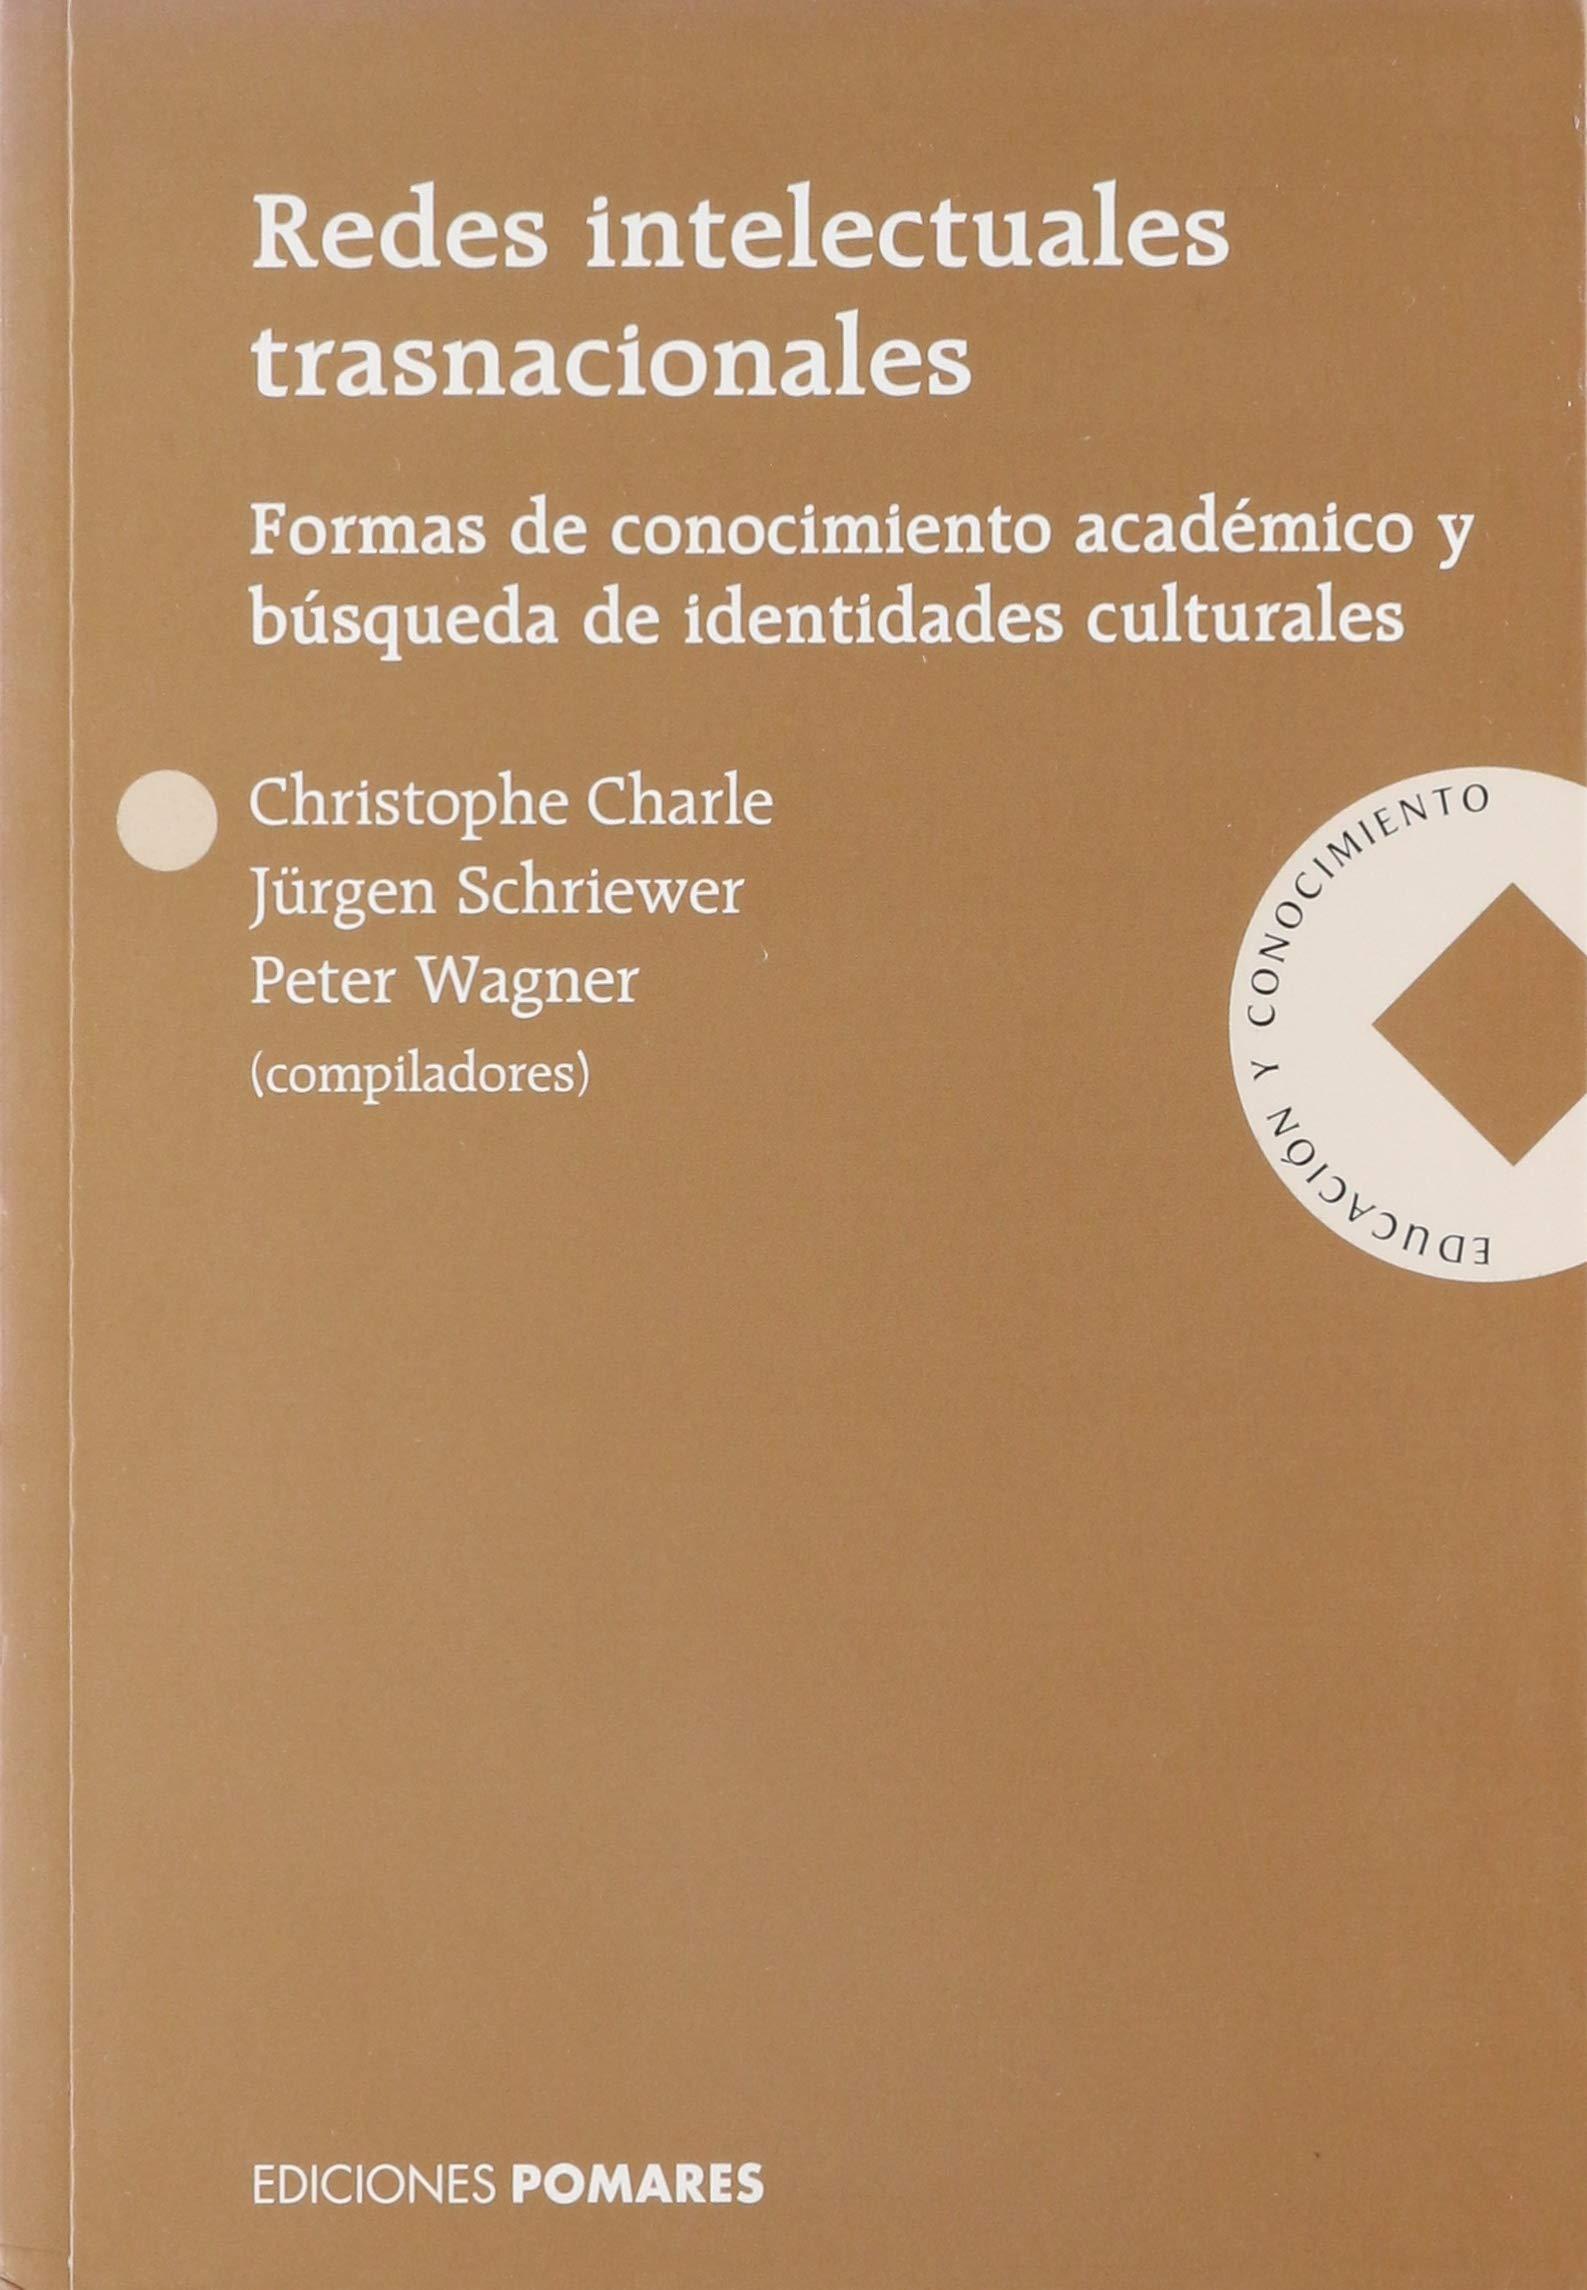 Redes Intelectuales Transnacionales: Amazon.es: Christophe ...